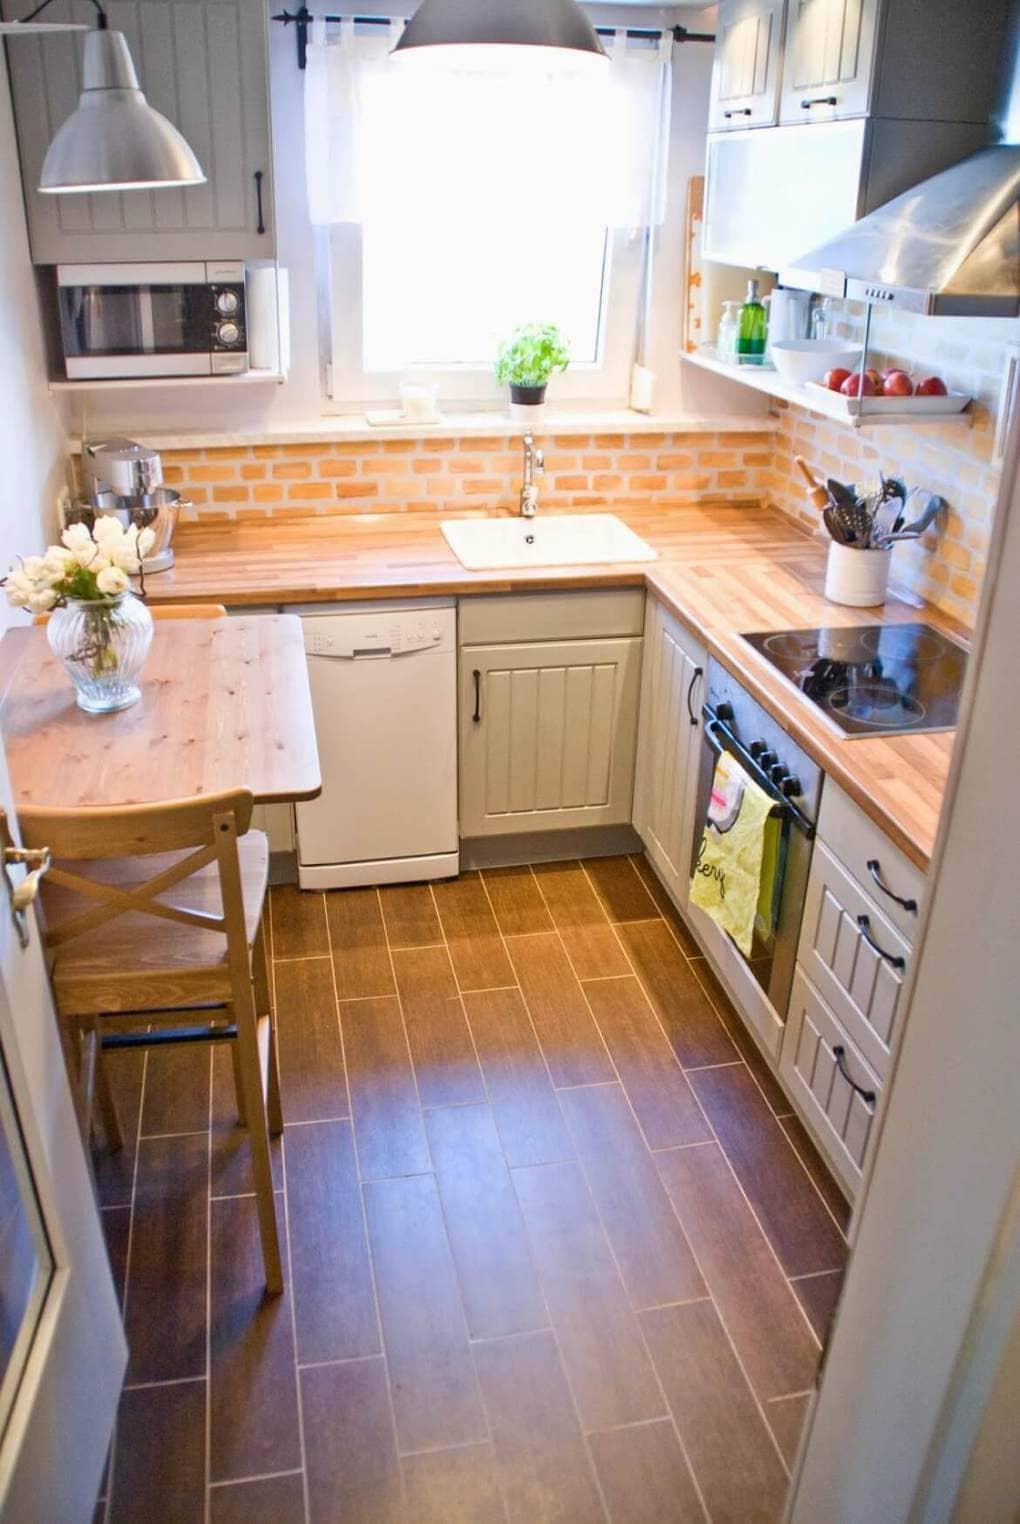 otlichnye idei dizajna malenkih kuhon kotorye sdelajut vashe prostranstvo unikalnym